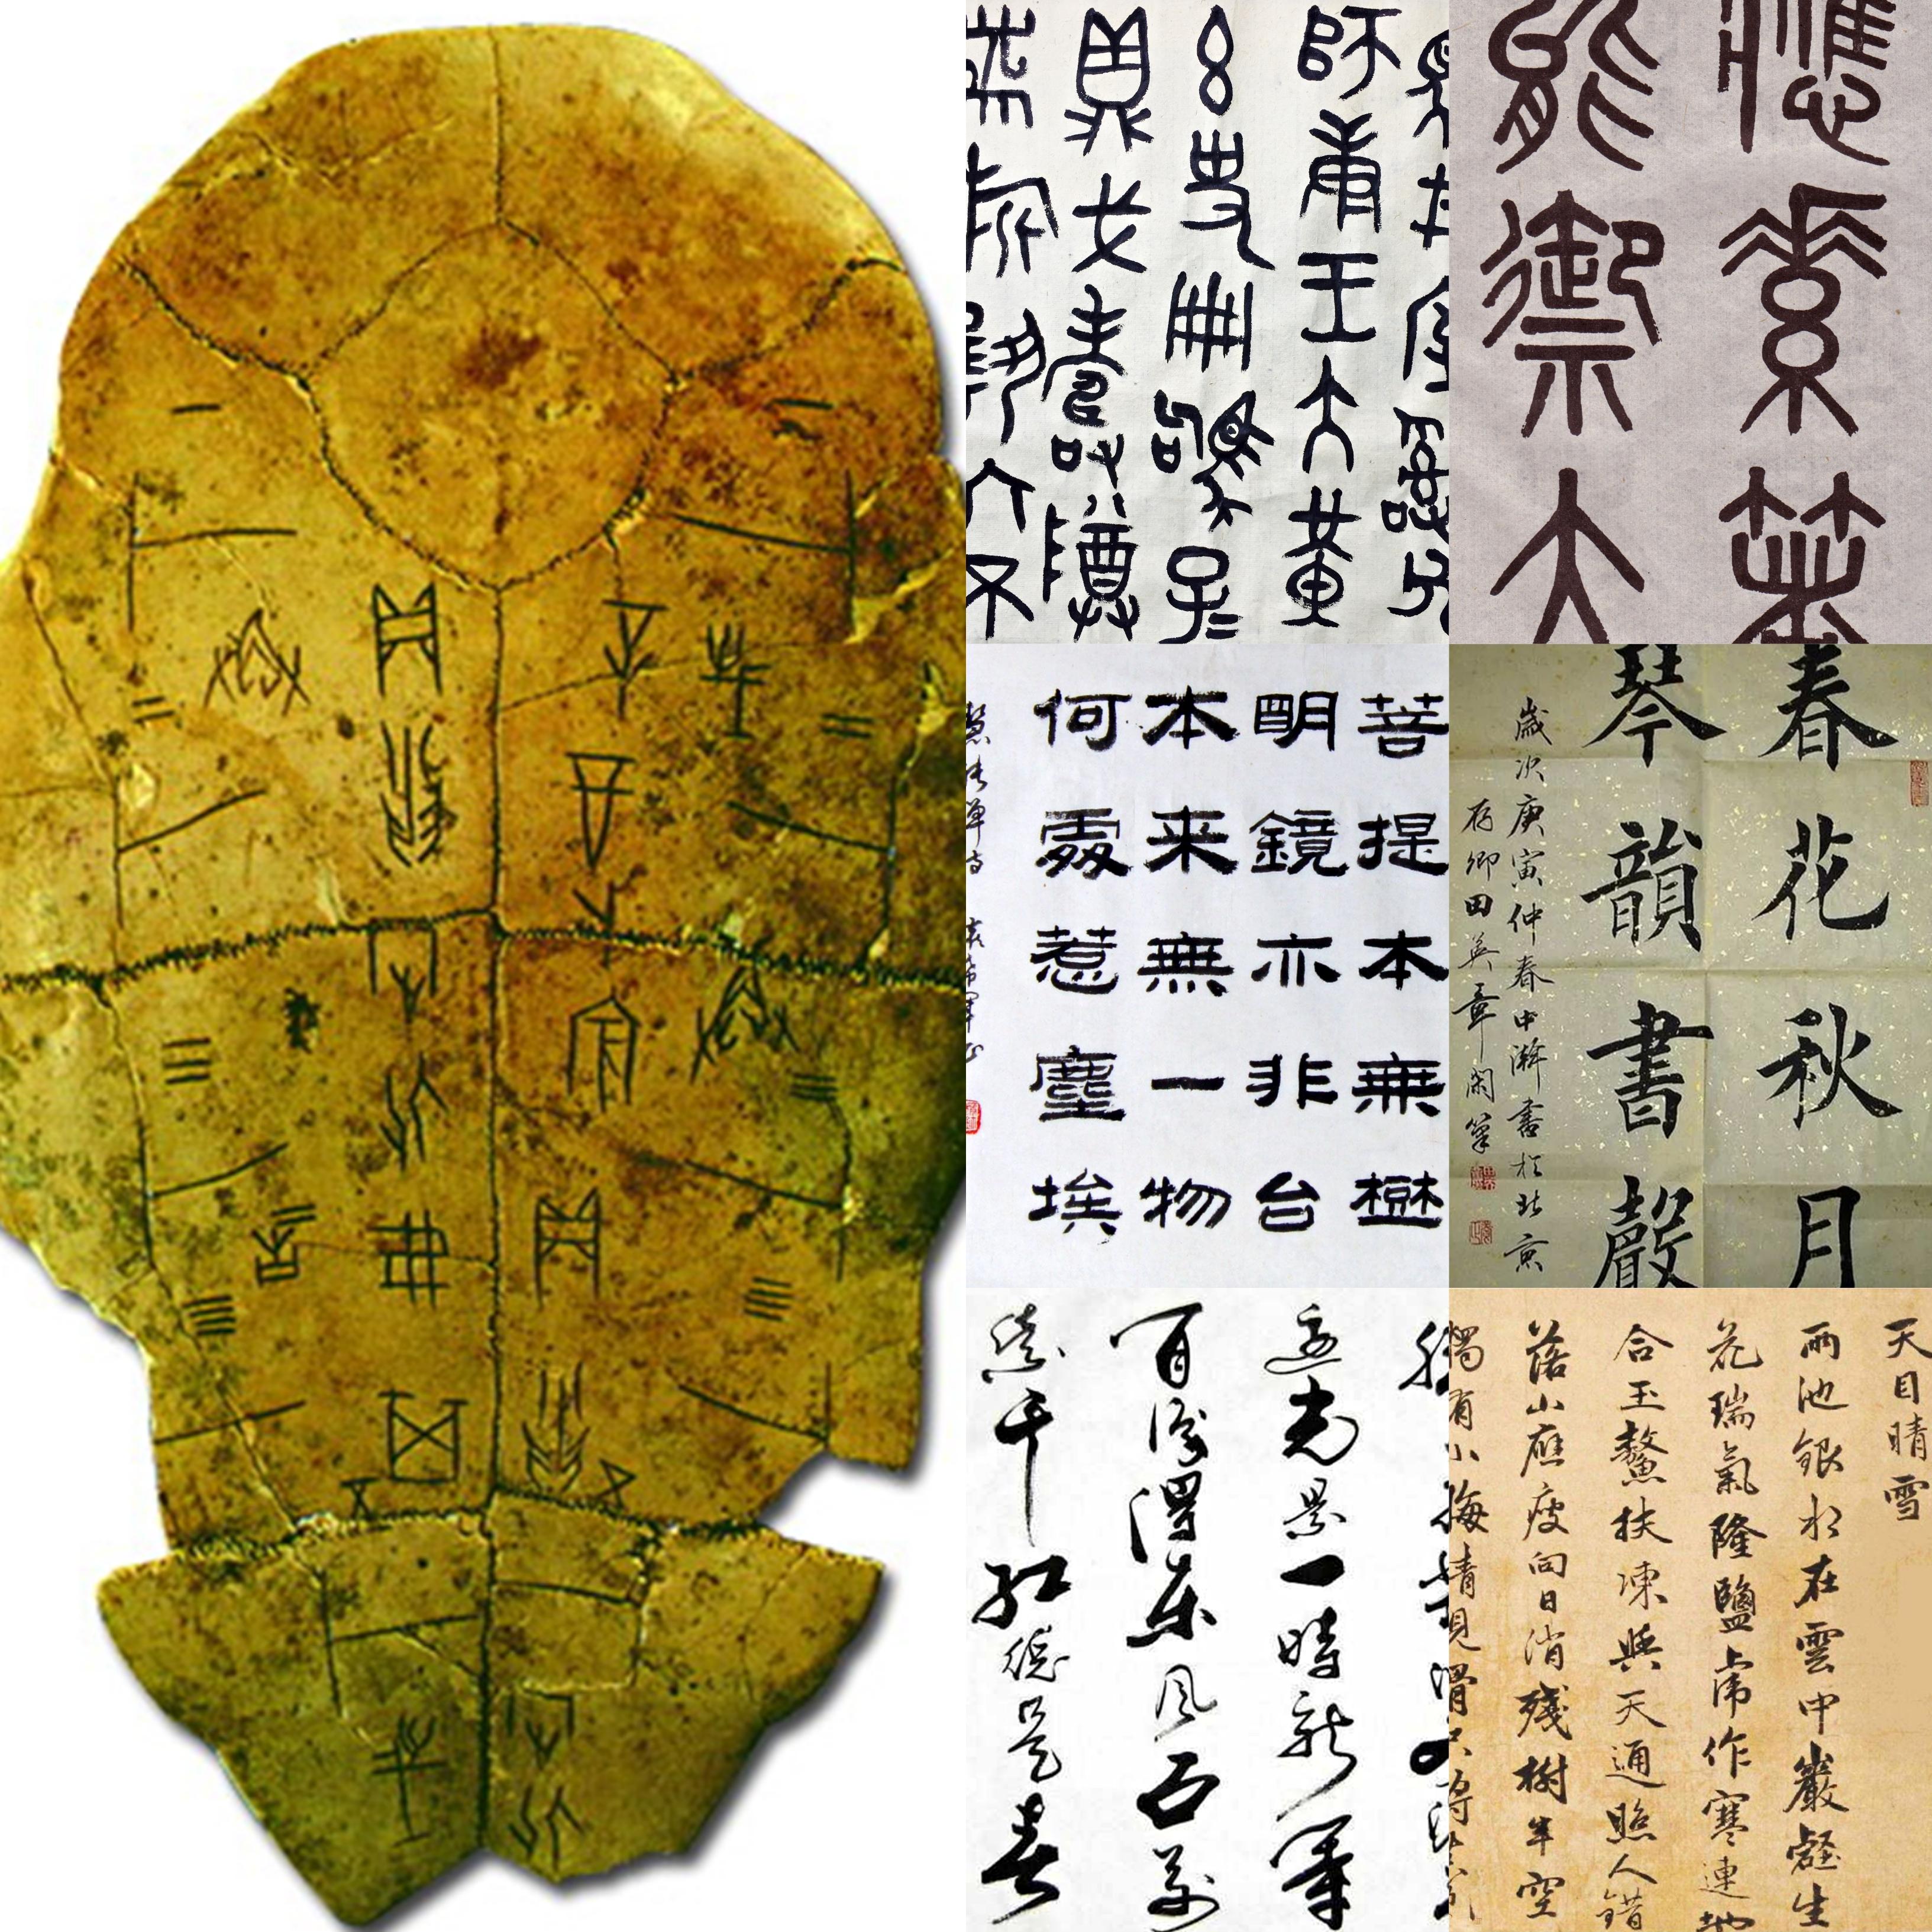 汉字的发源及变革